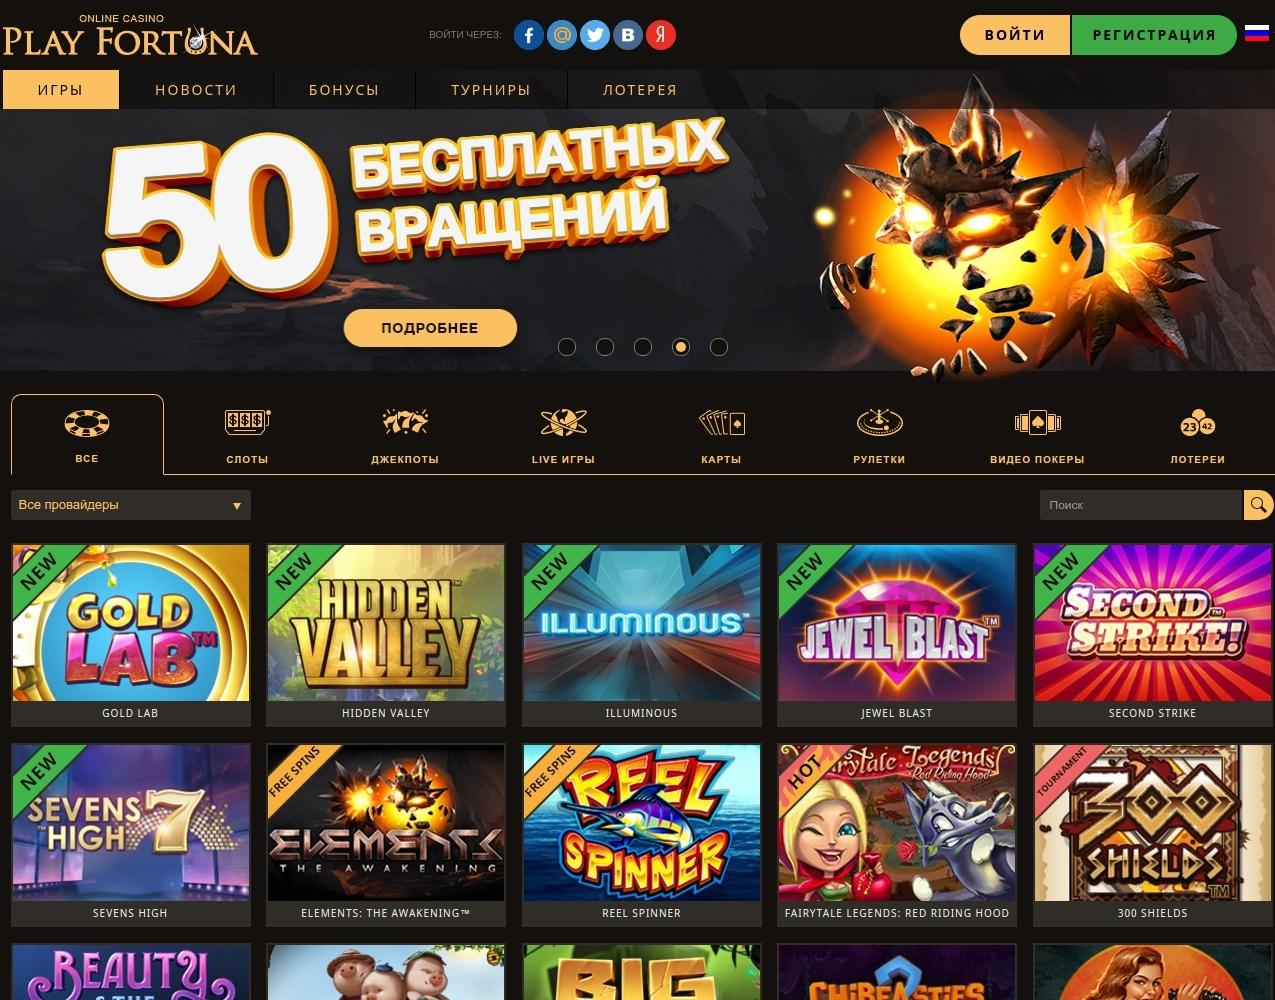 казино плей фортуна официальный сайт играть